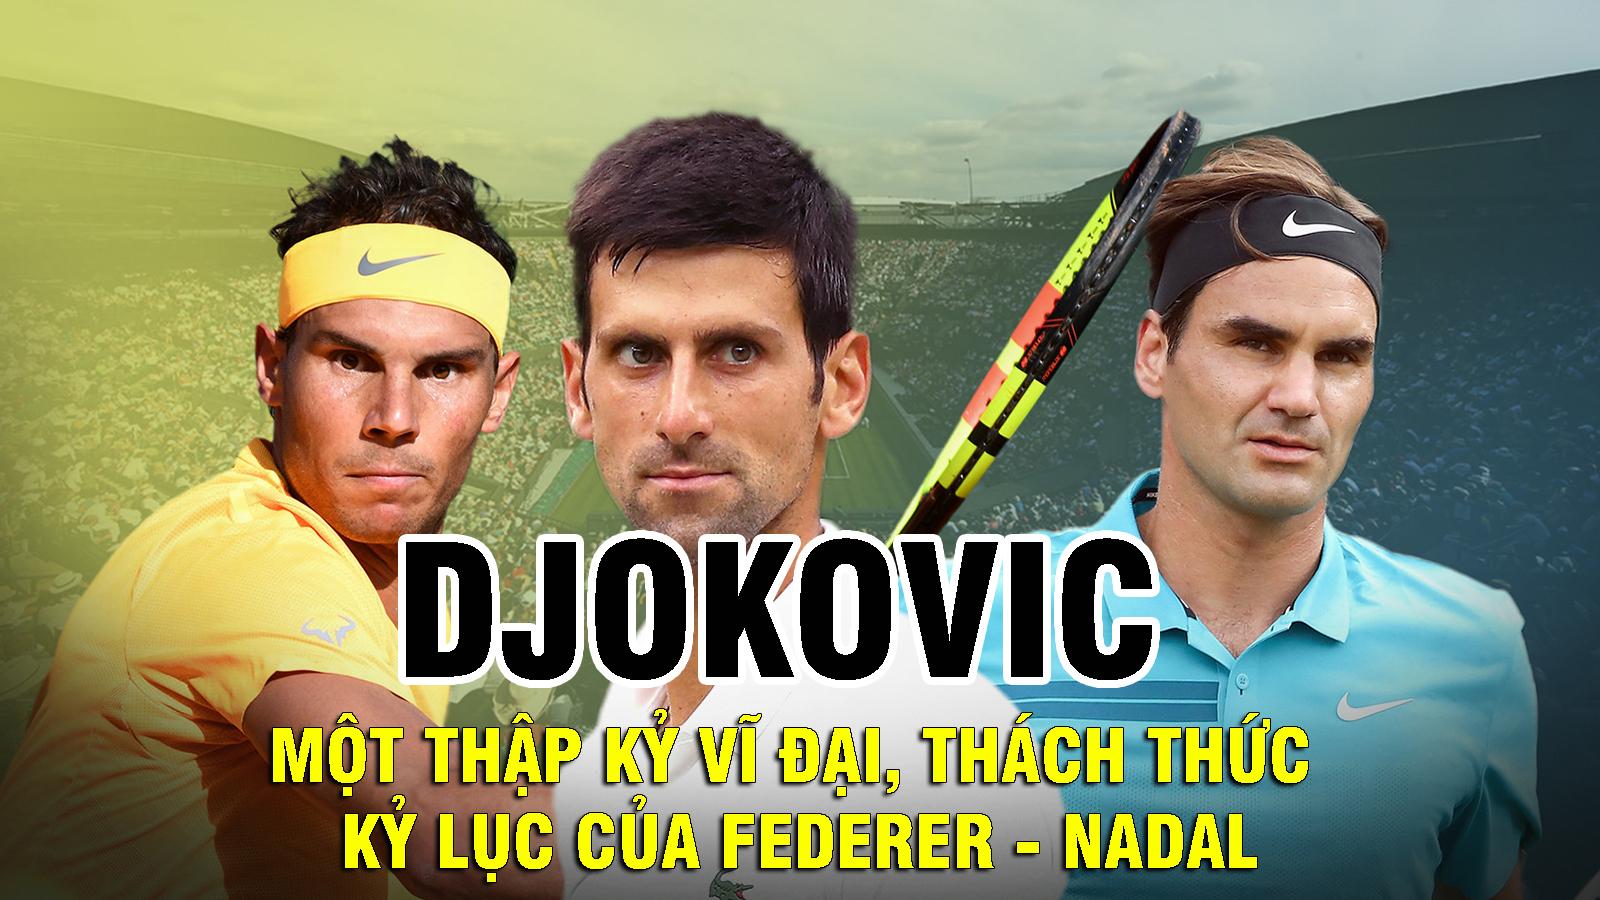 Djokovic: Một thập kỷ vĩ đại, thách thức kỷ lục của Federer - Nadal - 1